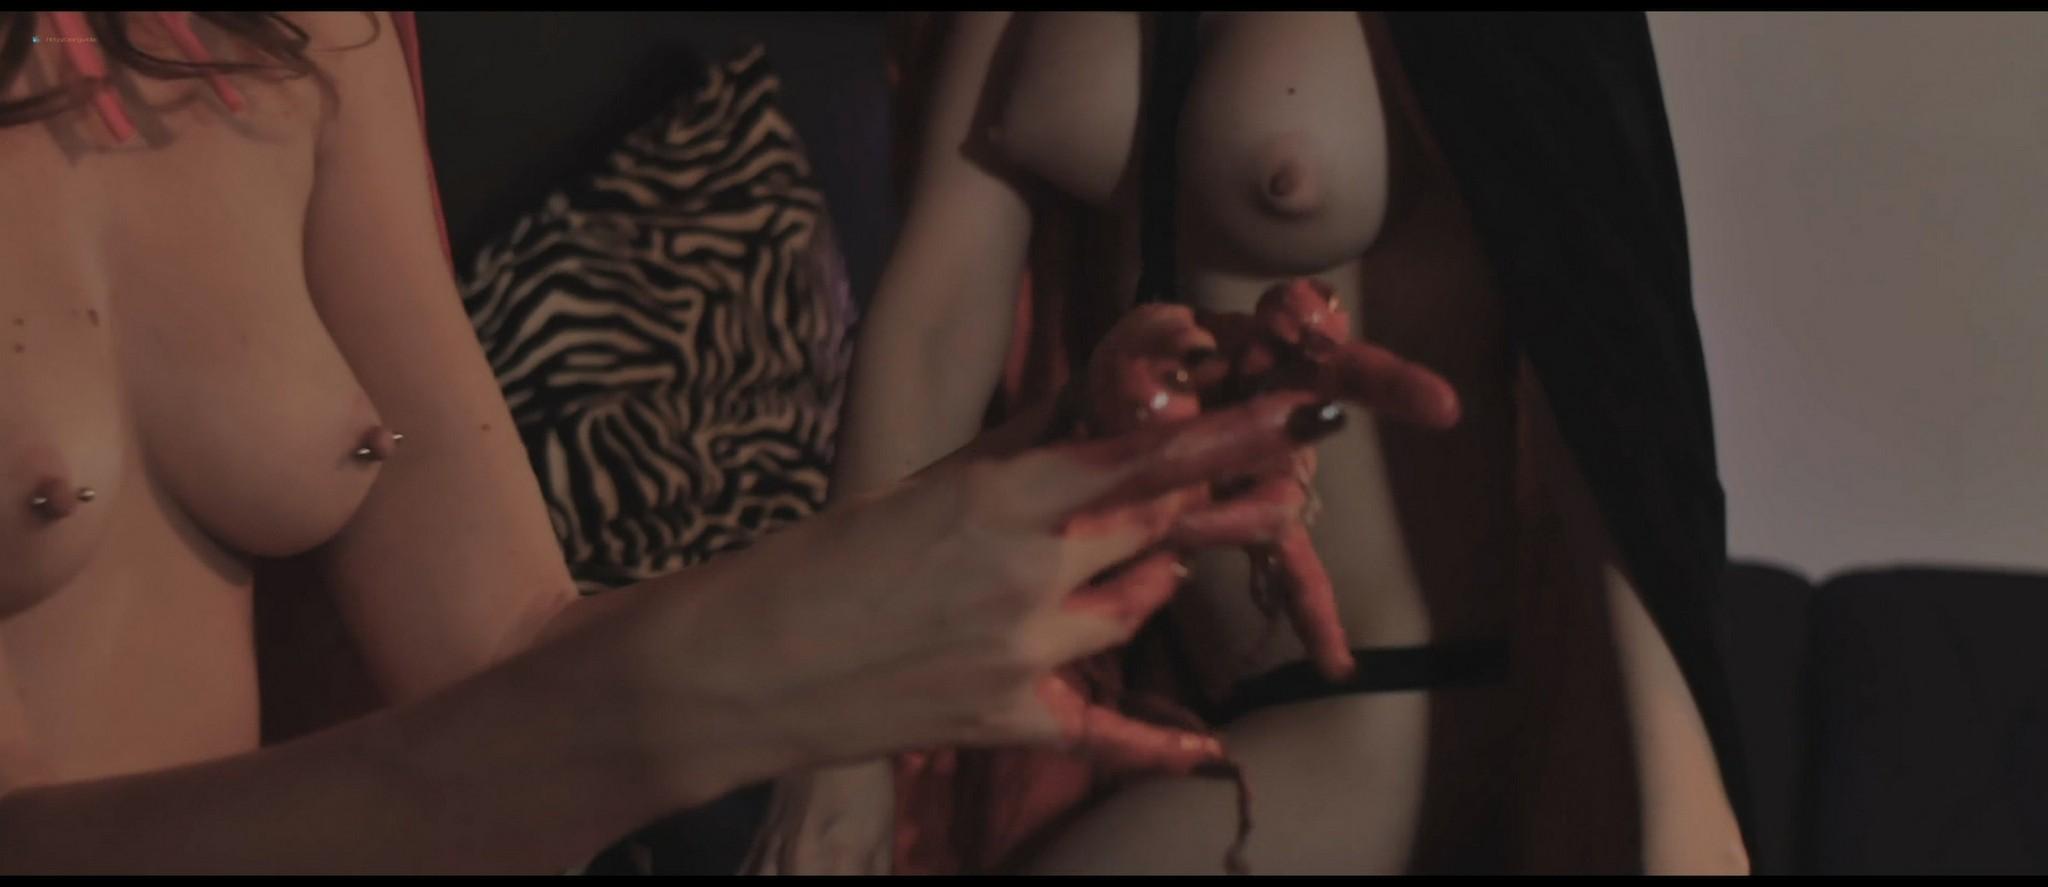 Sablique nude Fae D'Cay, Lauren Fogle nude topless - Scare Me (2016) HD 1080p Web (2)